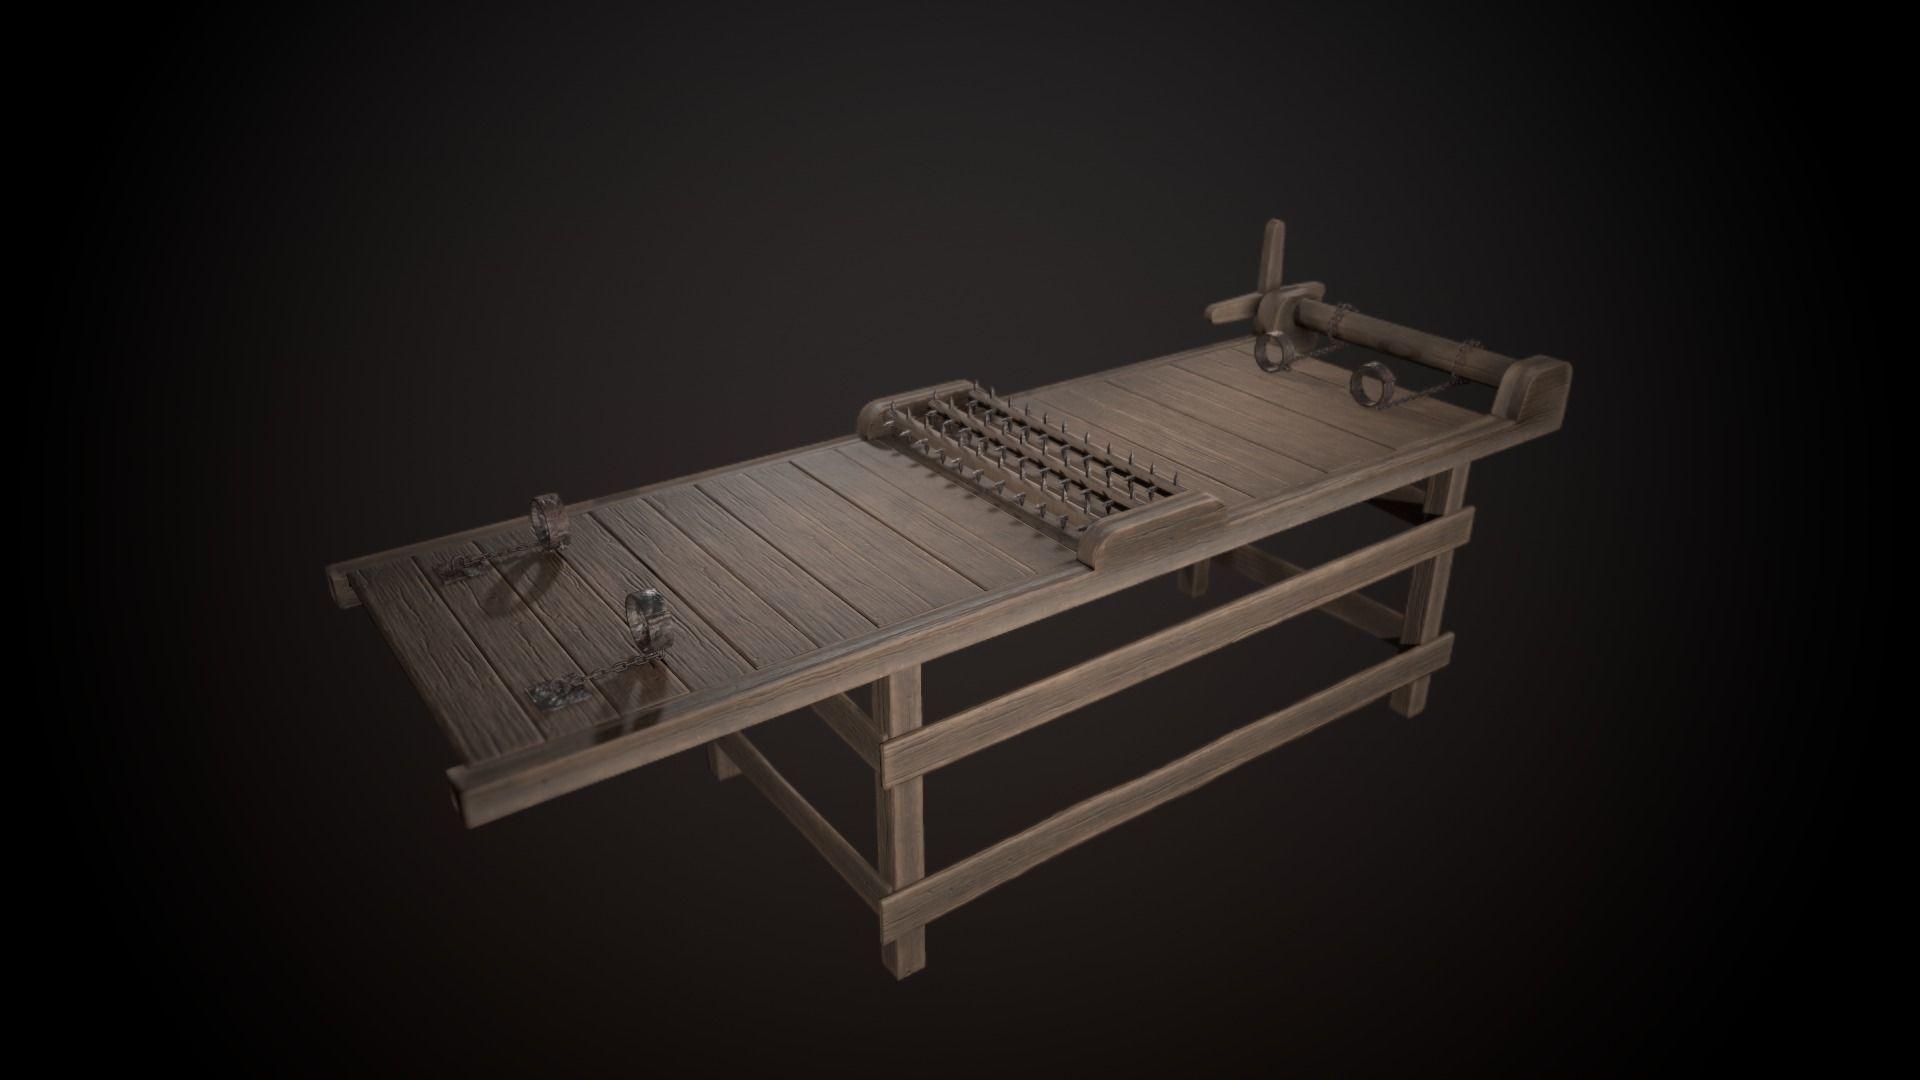 76d058c93 3D model Torture Rack VR / AR / low-poly FBX